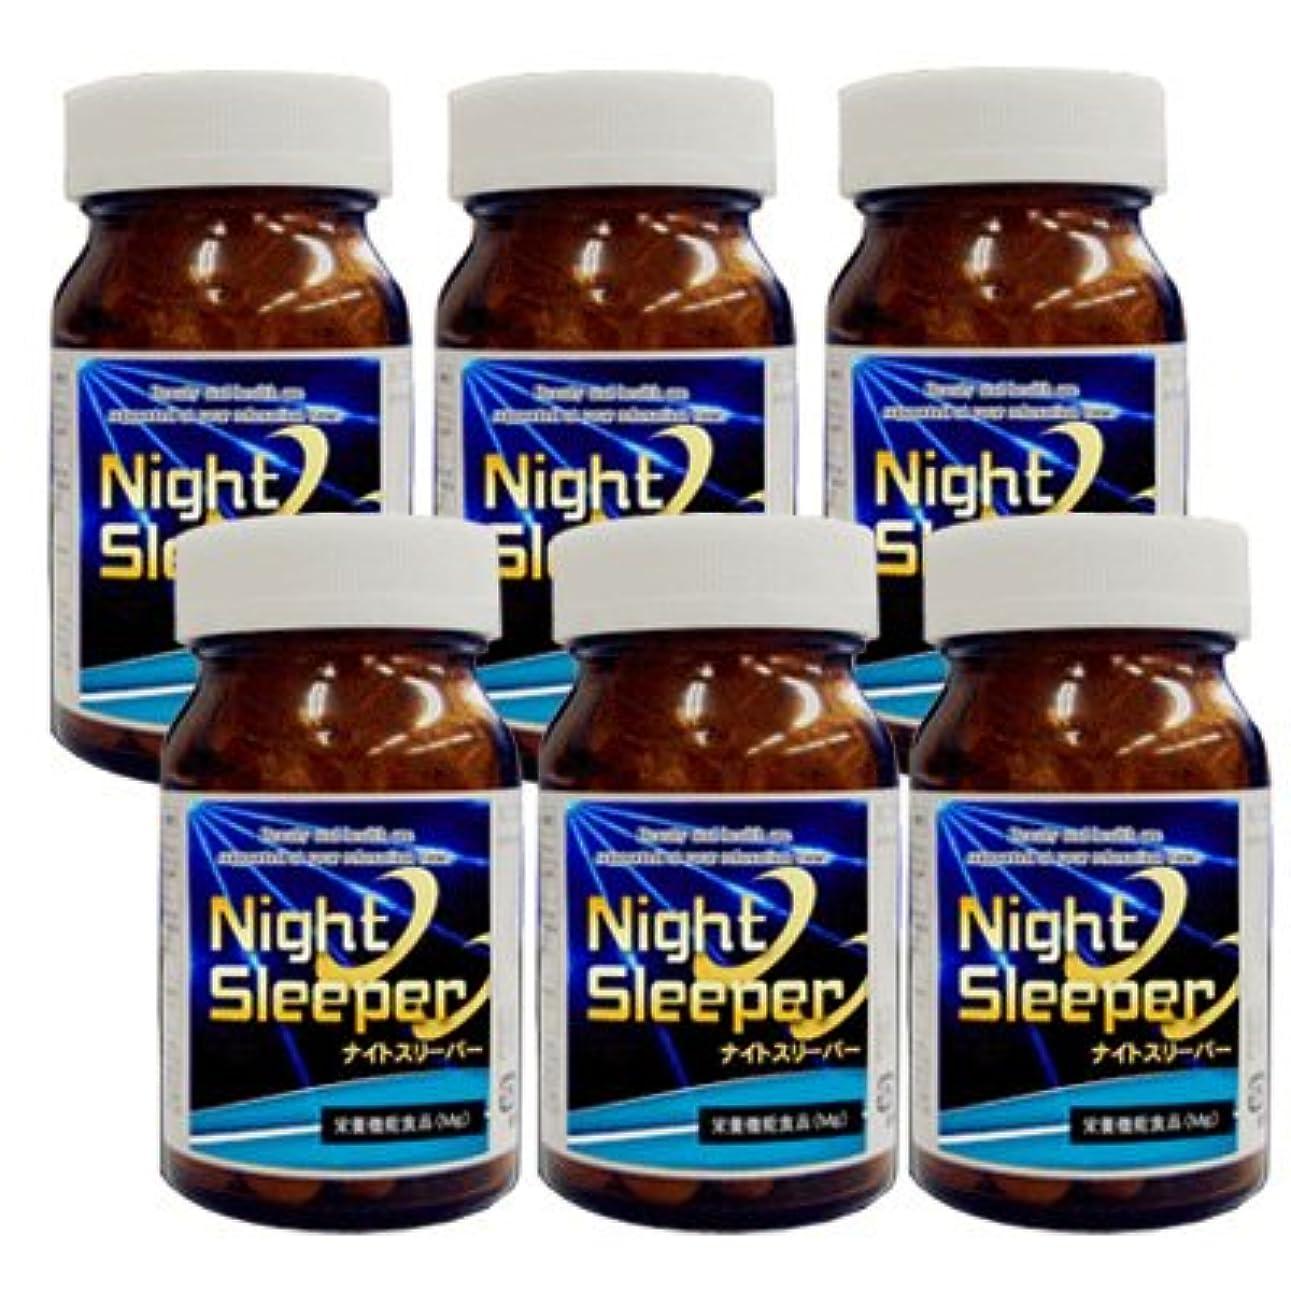 広範囲後世いまナイトスリーパー 6個セット! nightsleeper ×6個